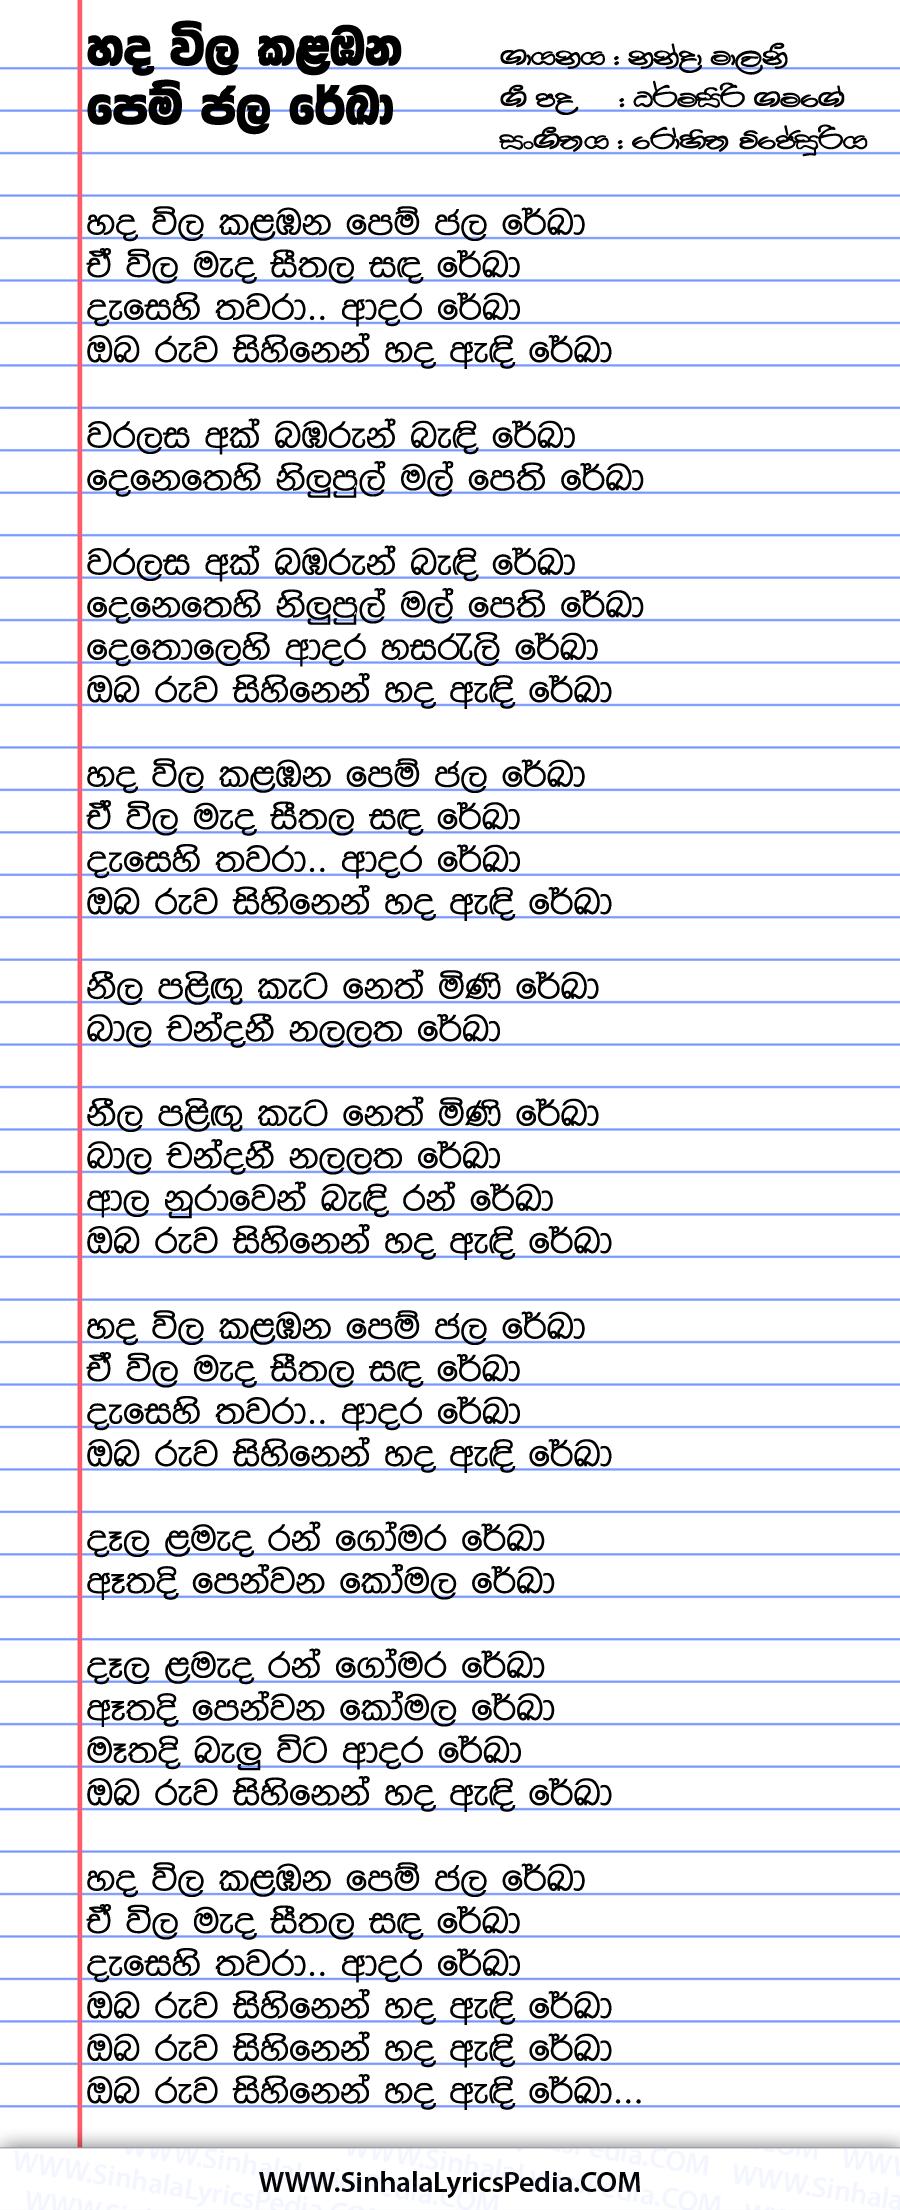 Hada Vila Kalabana Pem Jala Reka Song Lyrics